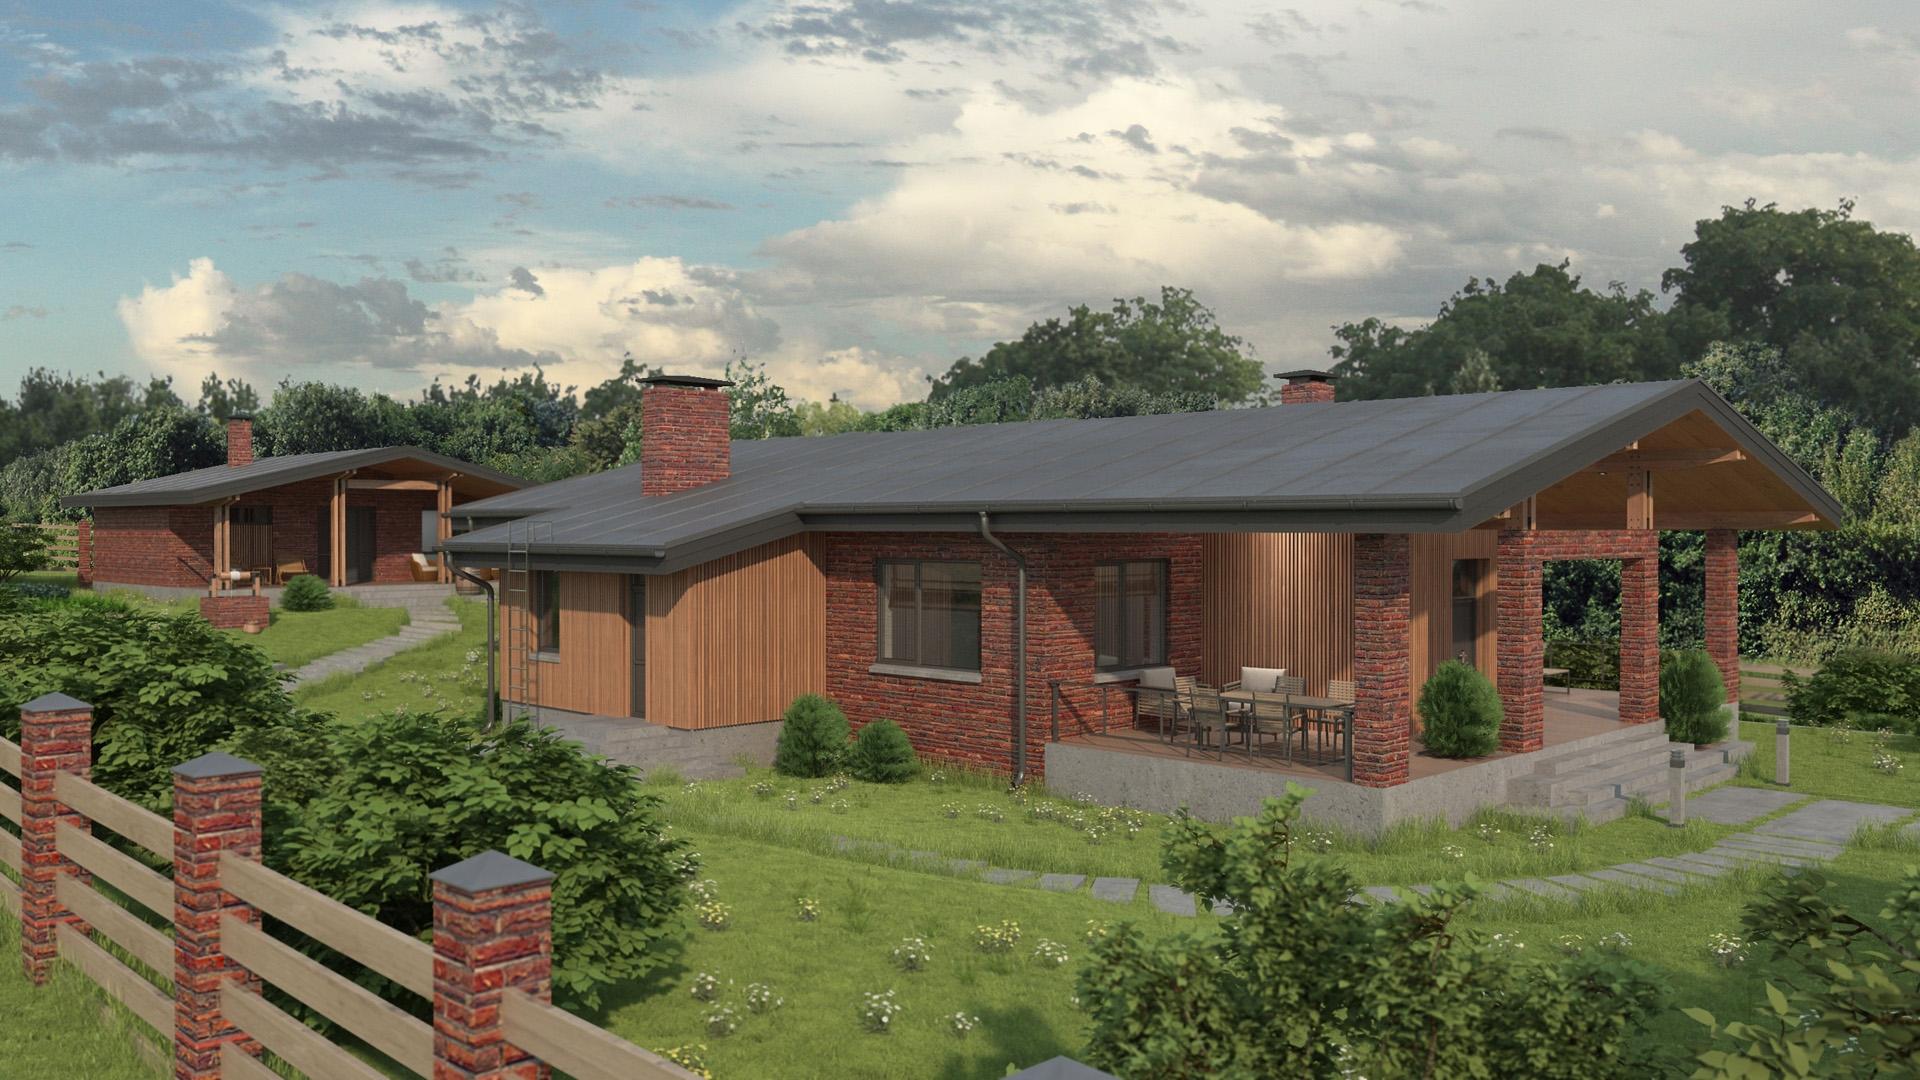 Изображение для проекта Проект кирпичного жилого дома «Каменные Ворота» 2159